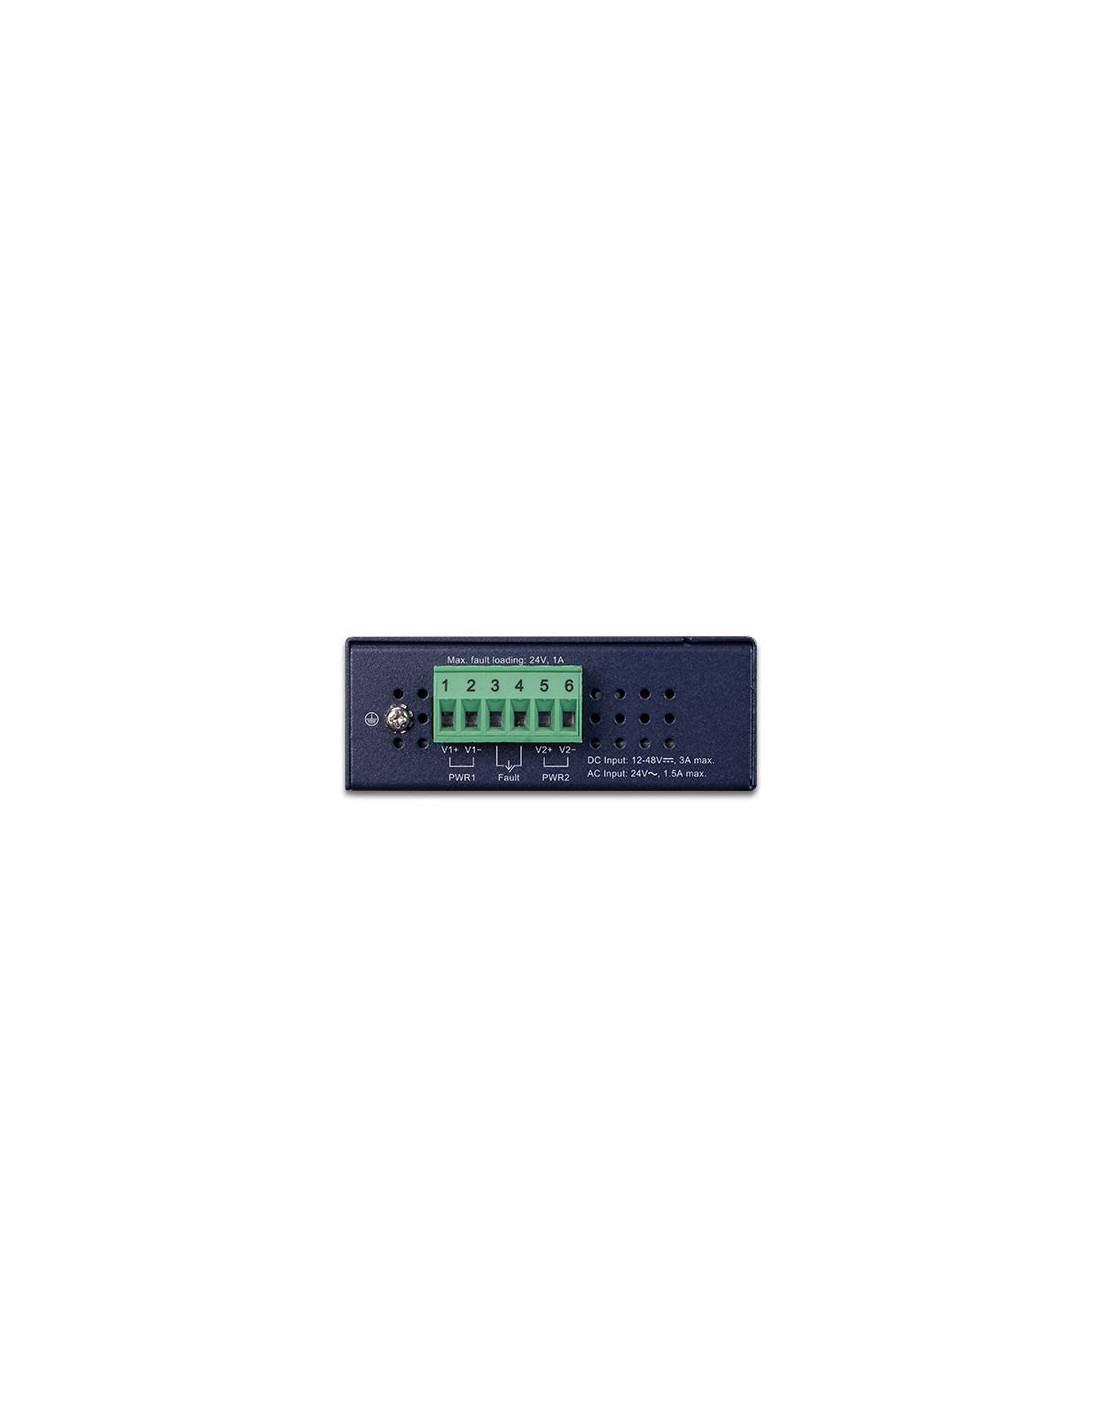 Uap Ac M Pro Ubiquiti Unifi 80211ac Mesh Outdoor 24 5ghz Ap